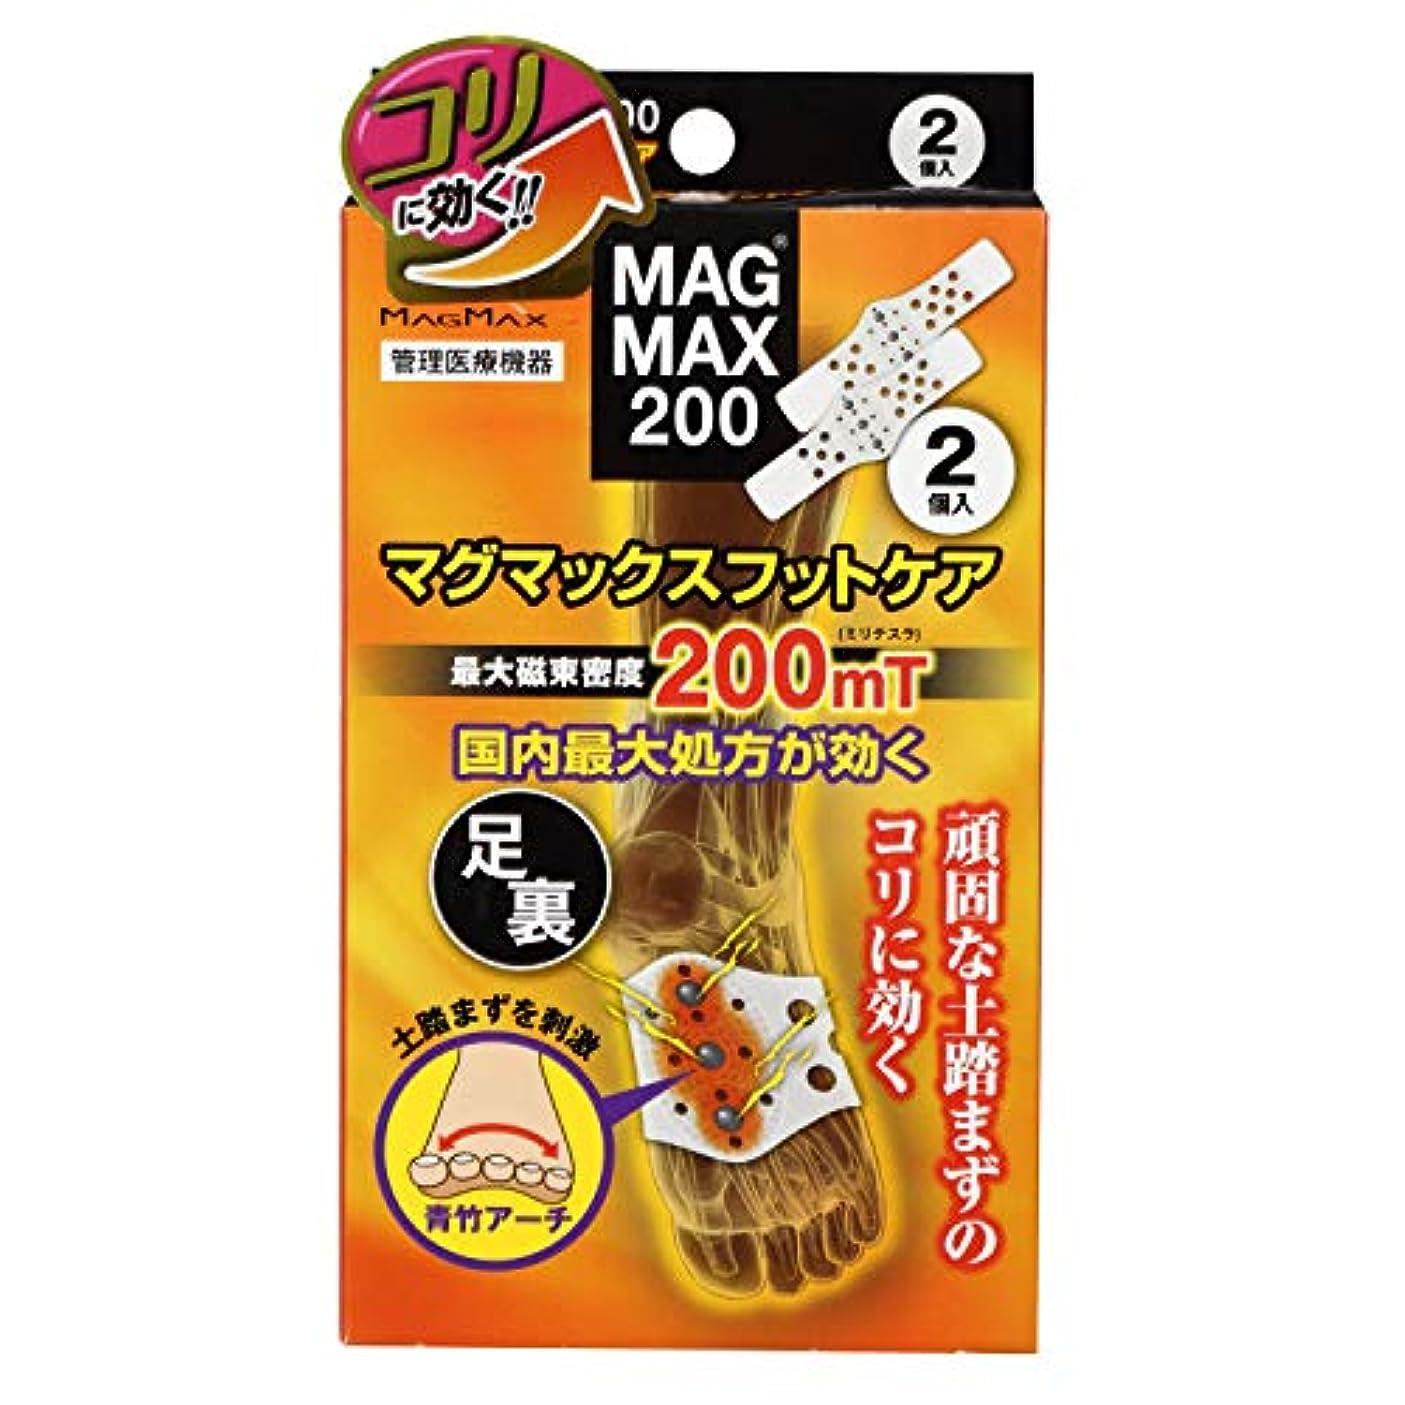 闇より多い緊張するマグマックスフットケア フットベルト MAGMAX200 頑固な土踏まずのコリに効く コリ及び血行改善 国内最大処方?磁束密度200mT 家庭用永久磁石磁気治療器 (2個入り)